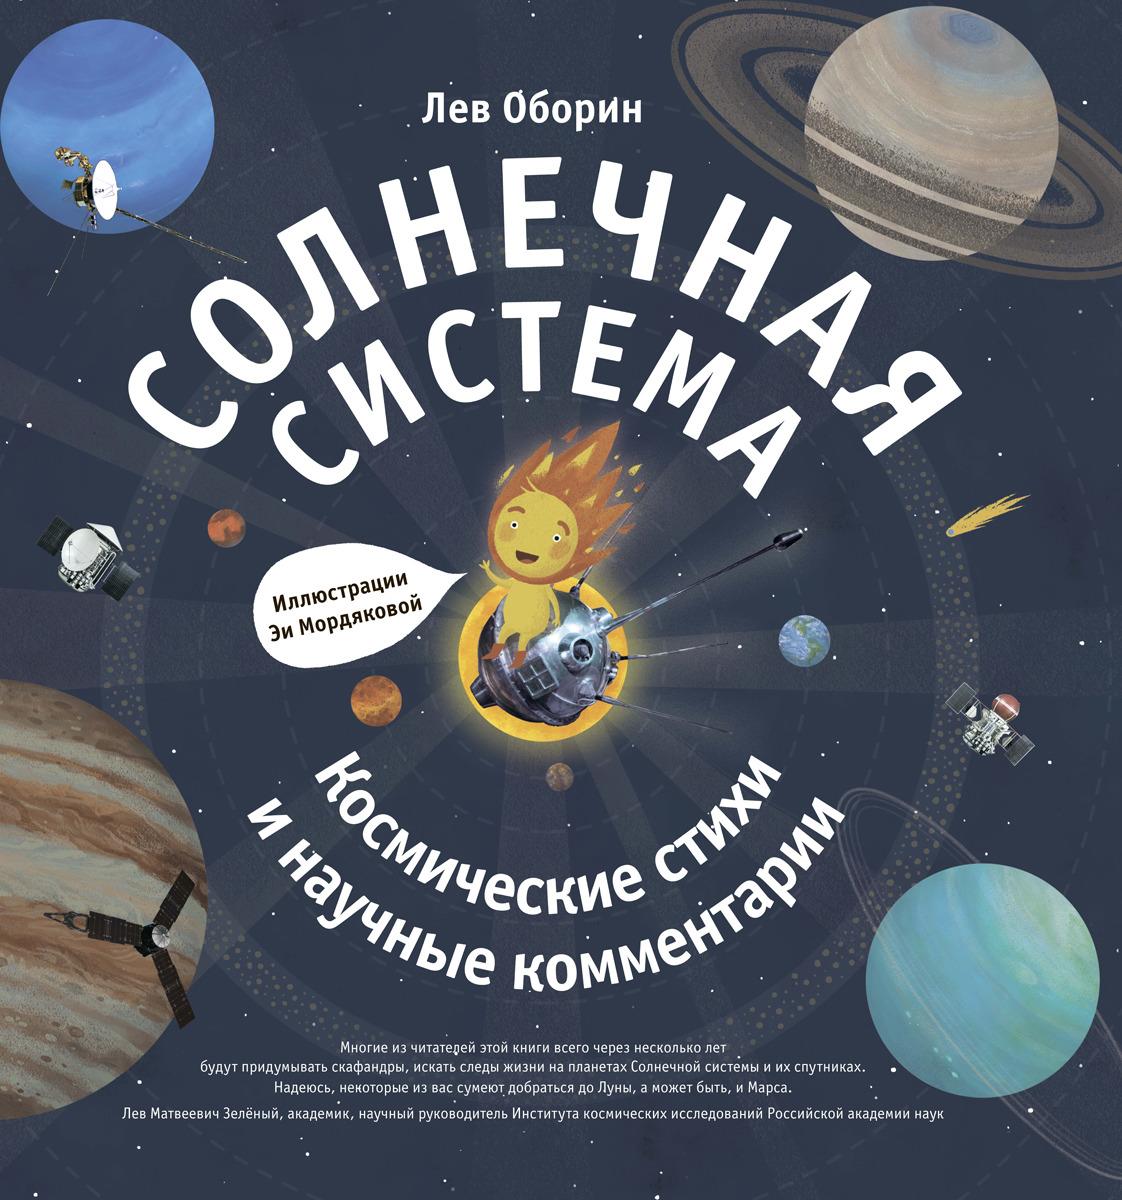 Оборин Л. Солнечная система.Космические стихи и научные комментарии